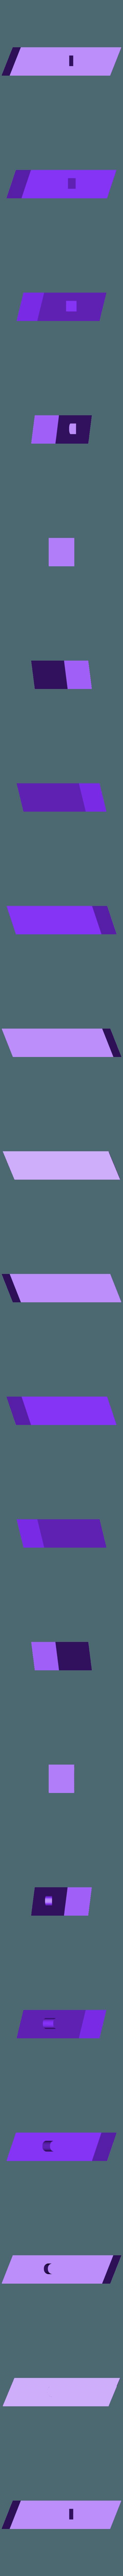 rail_base.stl Télécharger fichier STL gratuit EPIC 6 stage coilgun • Objet pour impression 3D, Gyro